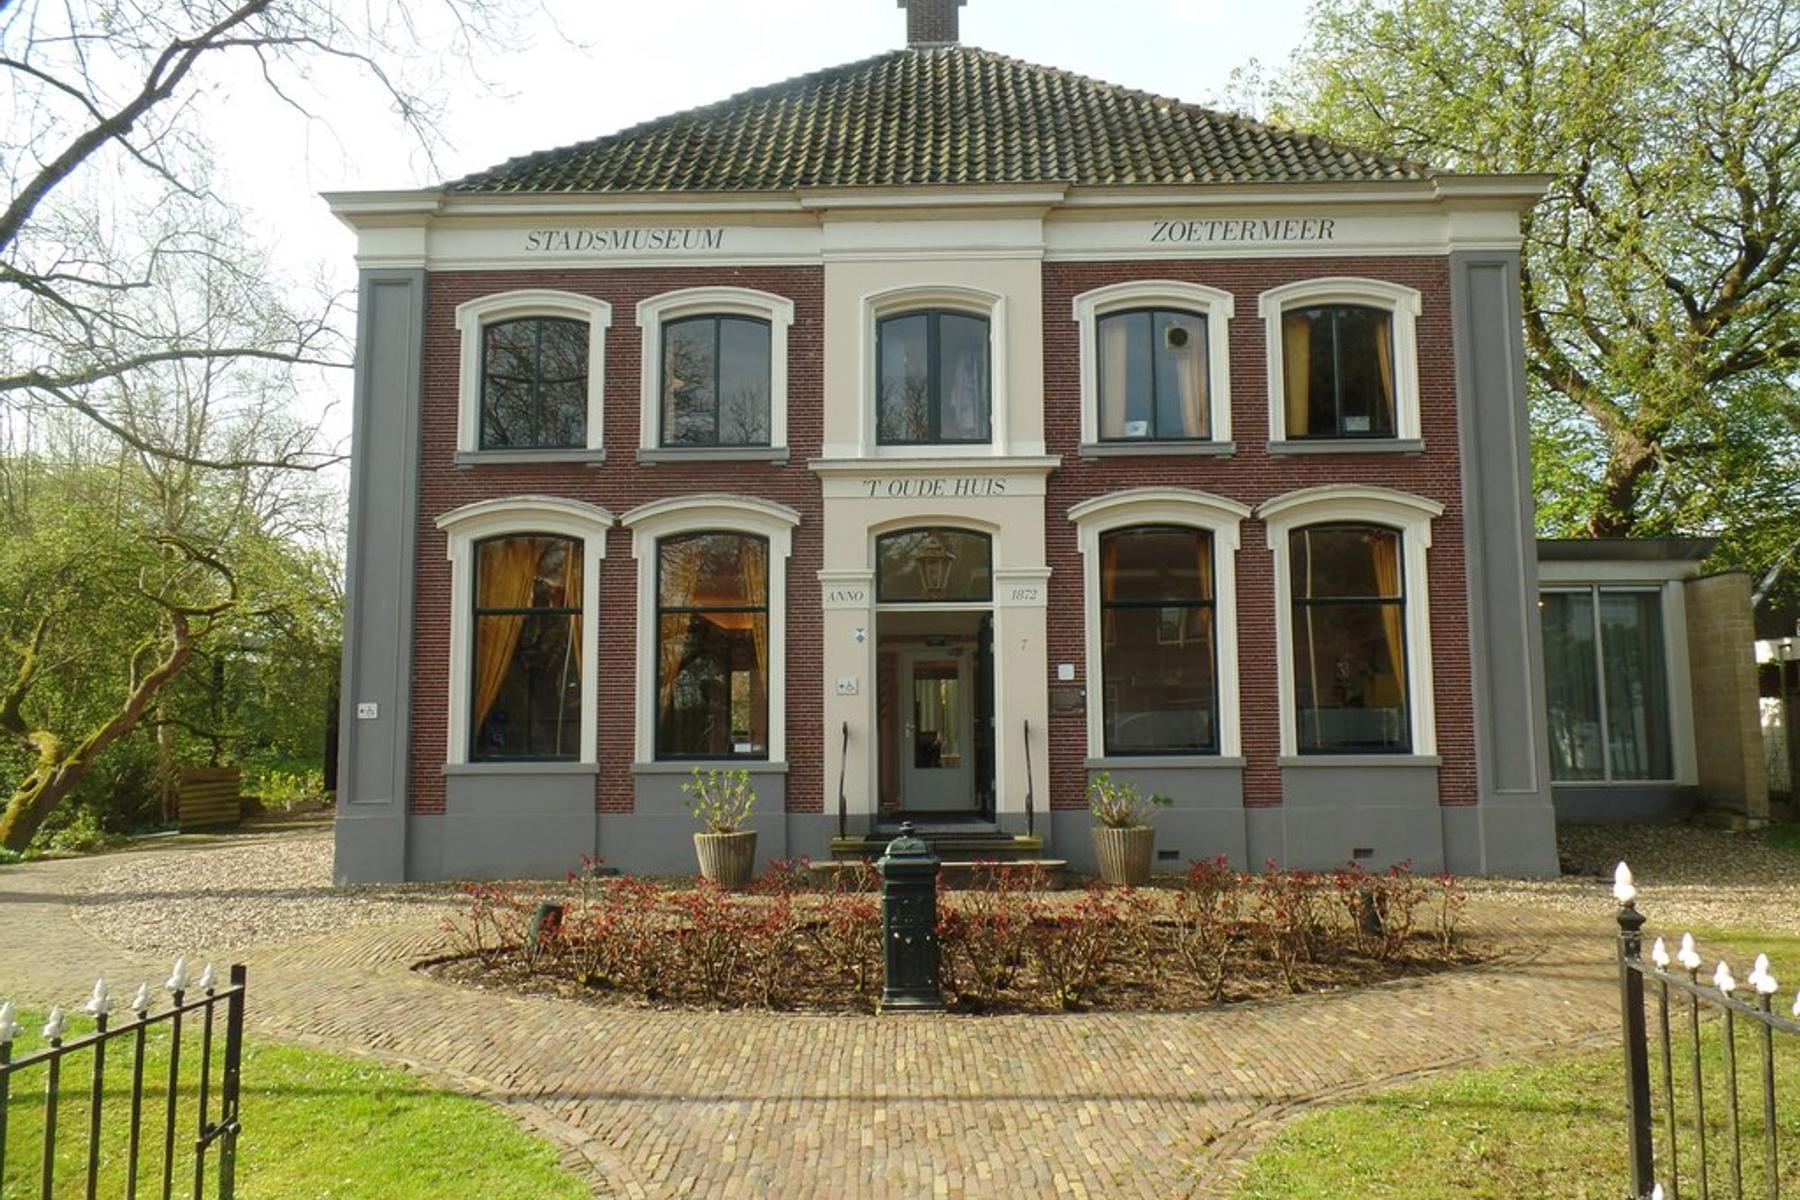 Dorpsstraat 7 in Zoetermeer 2712 AB